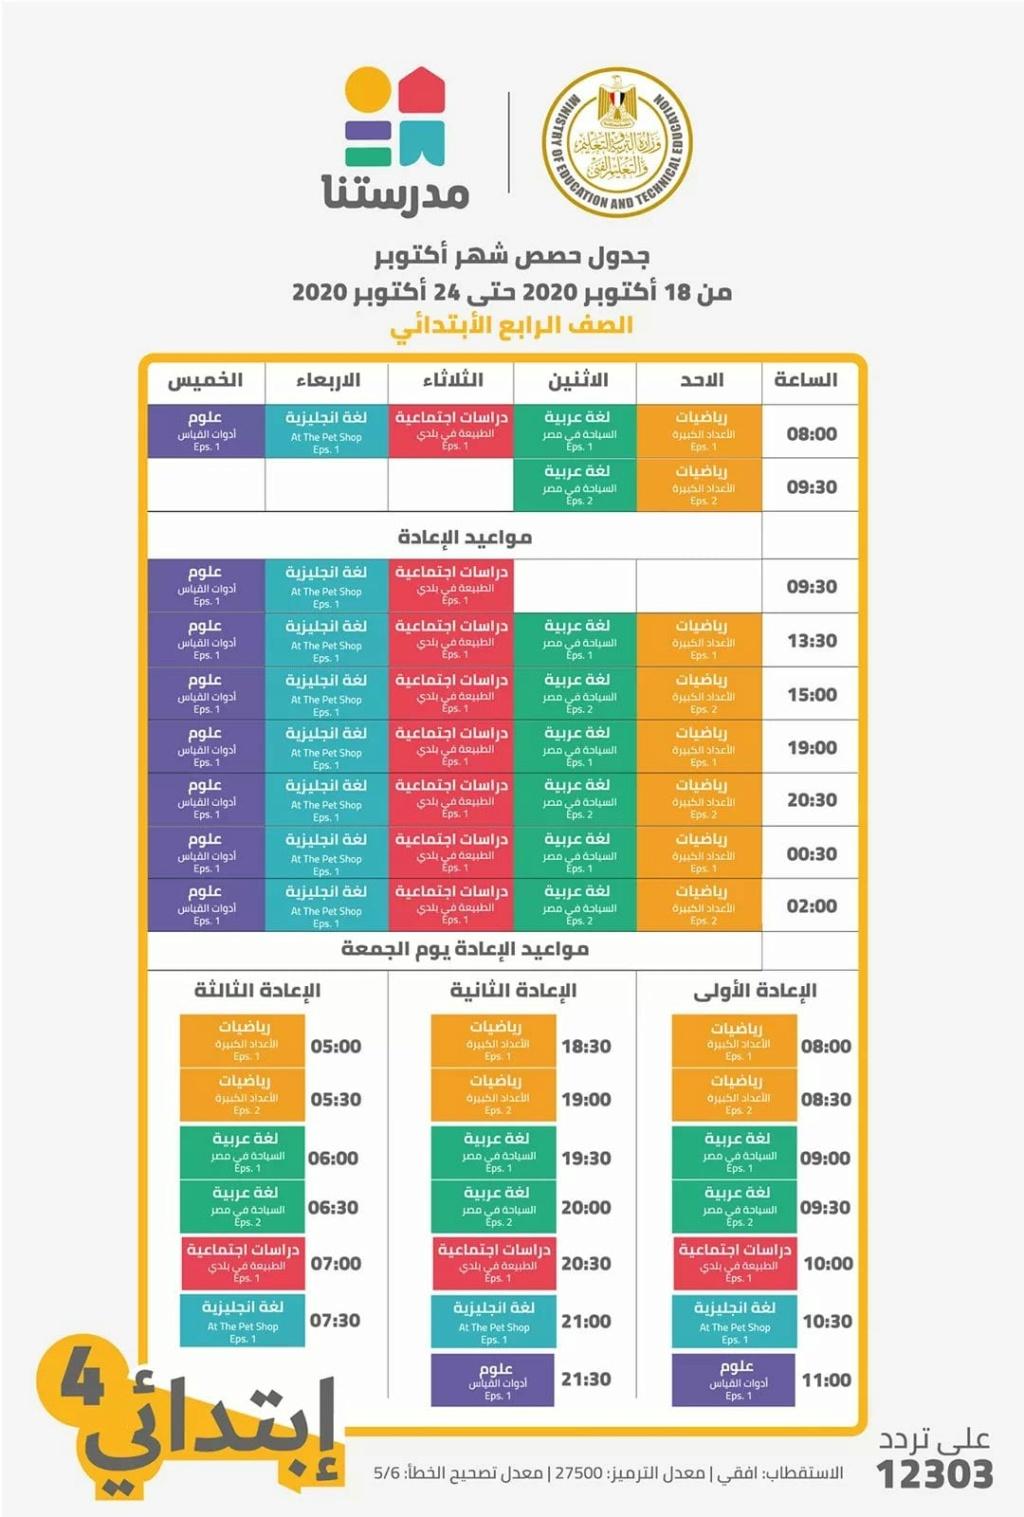 جدول حصص قناة مدرستنا لصفوف الابتدائي والاعدادي 14309